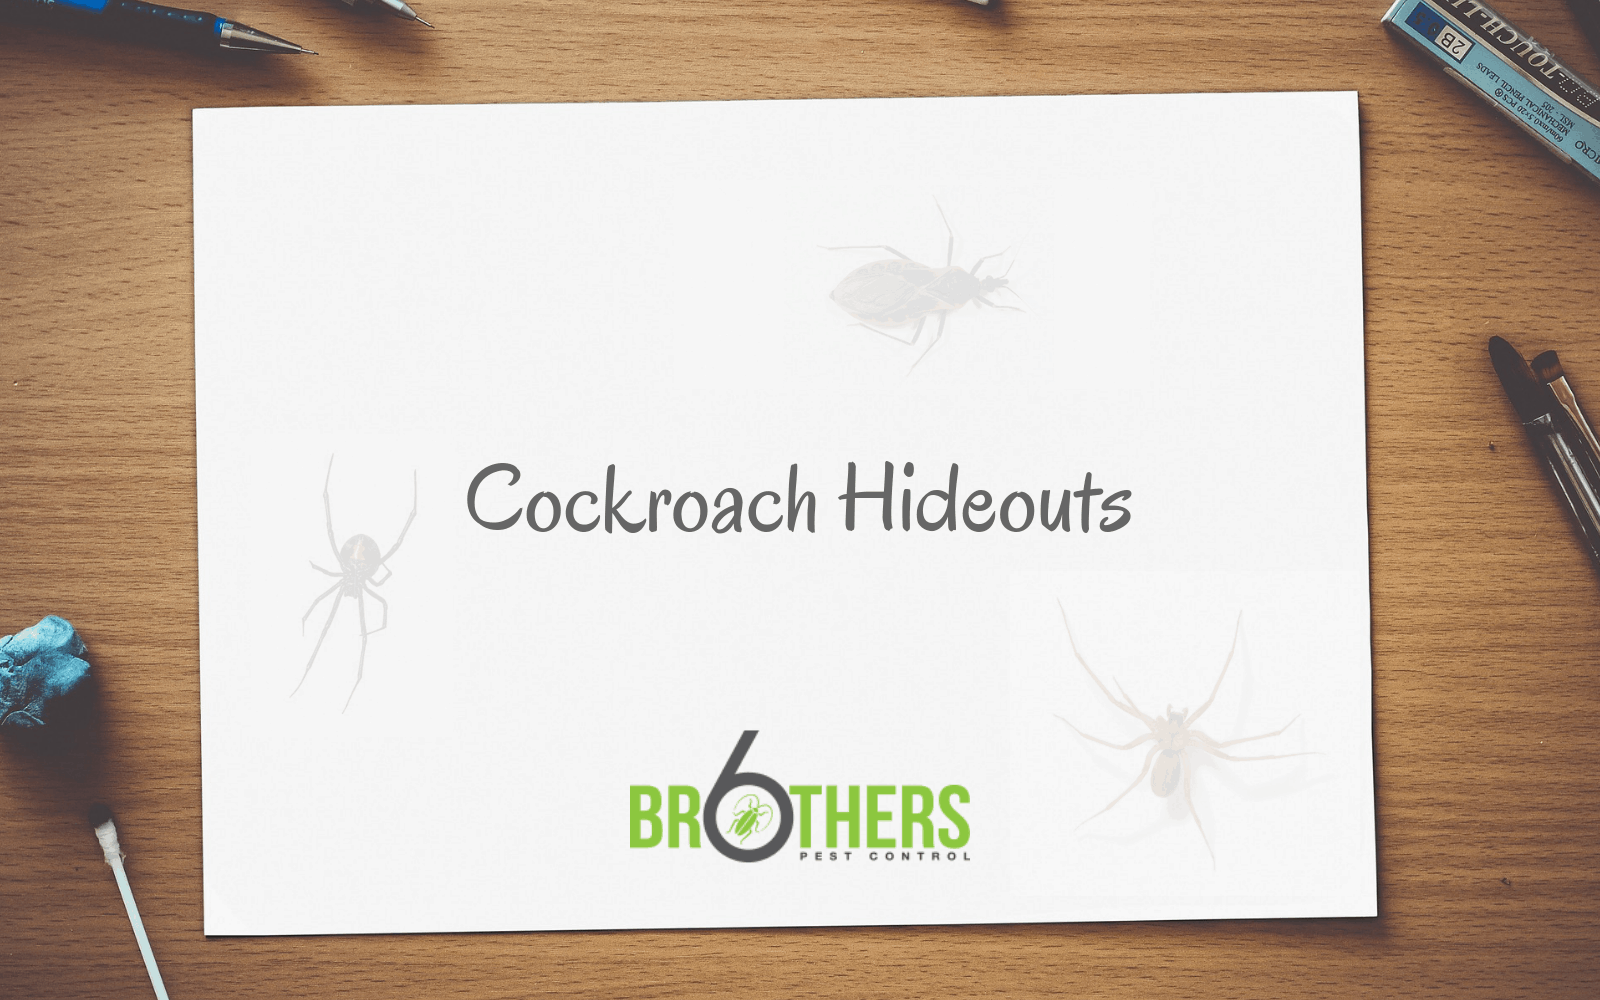 Cockroach Hideouts